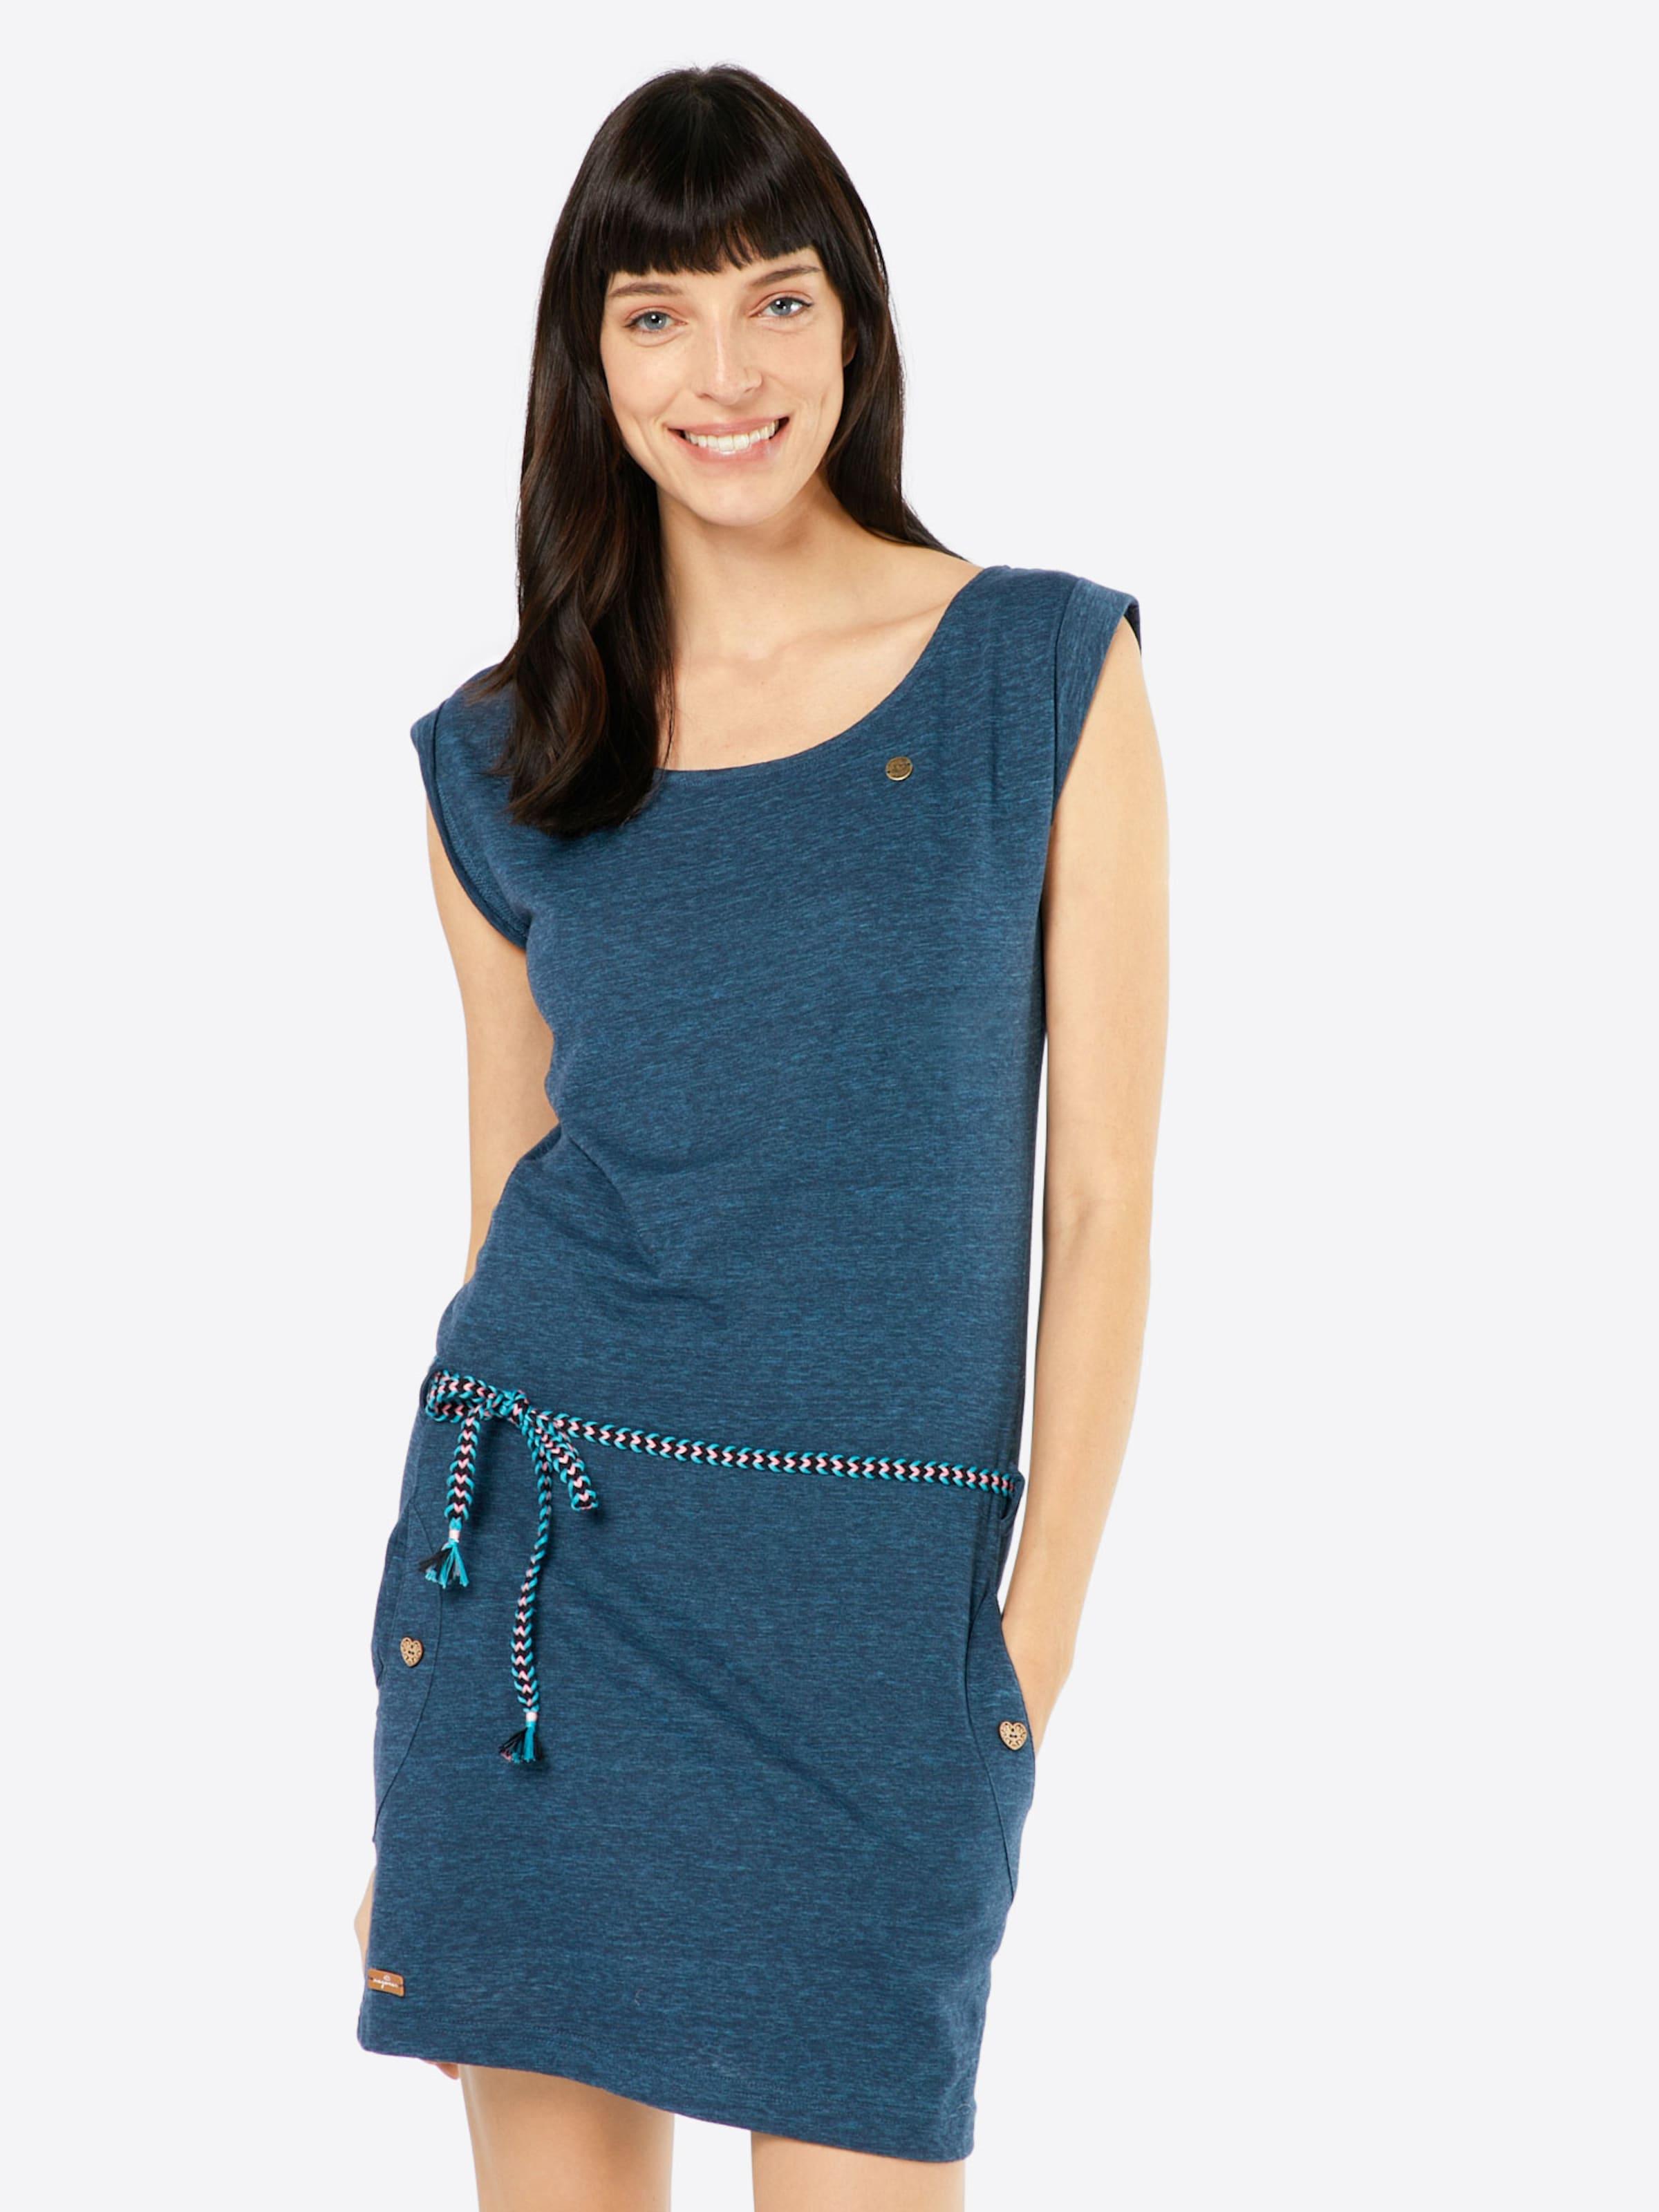 Sonnenschein Verkauf In Deutschland Ragwear Kleid 'TAG' Verkauf Veröffentlichungstermine Verkauf Original 7GNycnaU